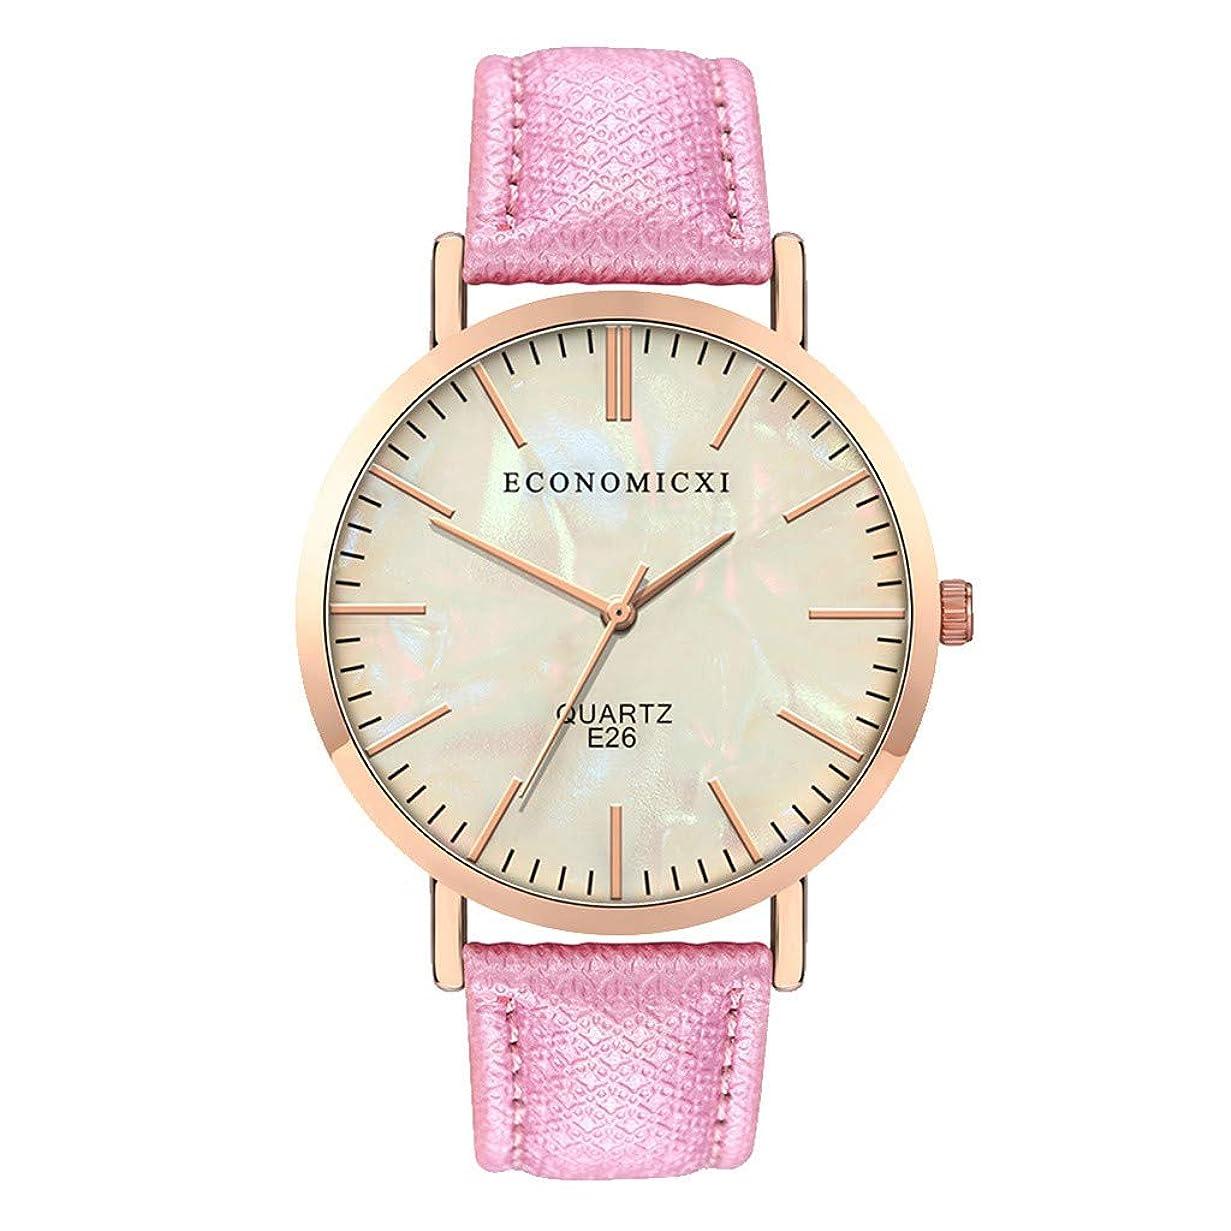 移動する道に迷いました見えない人気 高級 ファッション レディース ガールズ 腕時計-Waminger[ワミナー] 時計軽い 高級感 耐衝撃 かわいい 魅力的 キラキラ ギフトスタイリッシュシンプル クォーツ ベルト ラウンドラージ ダイヤル女の子 姬風 流行 安い ウオッチ(ピンク)